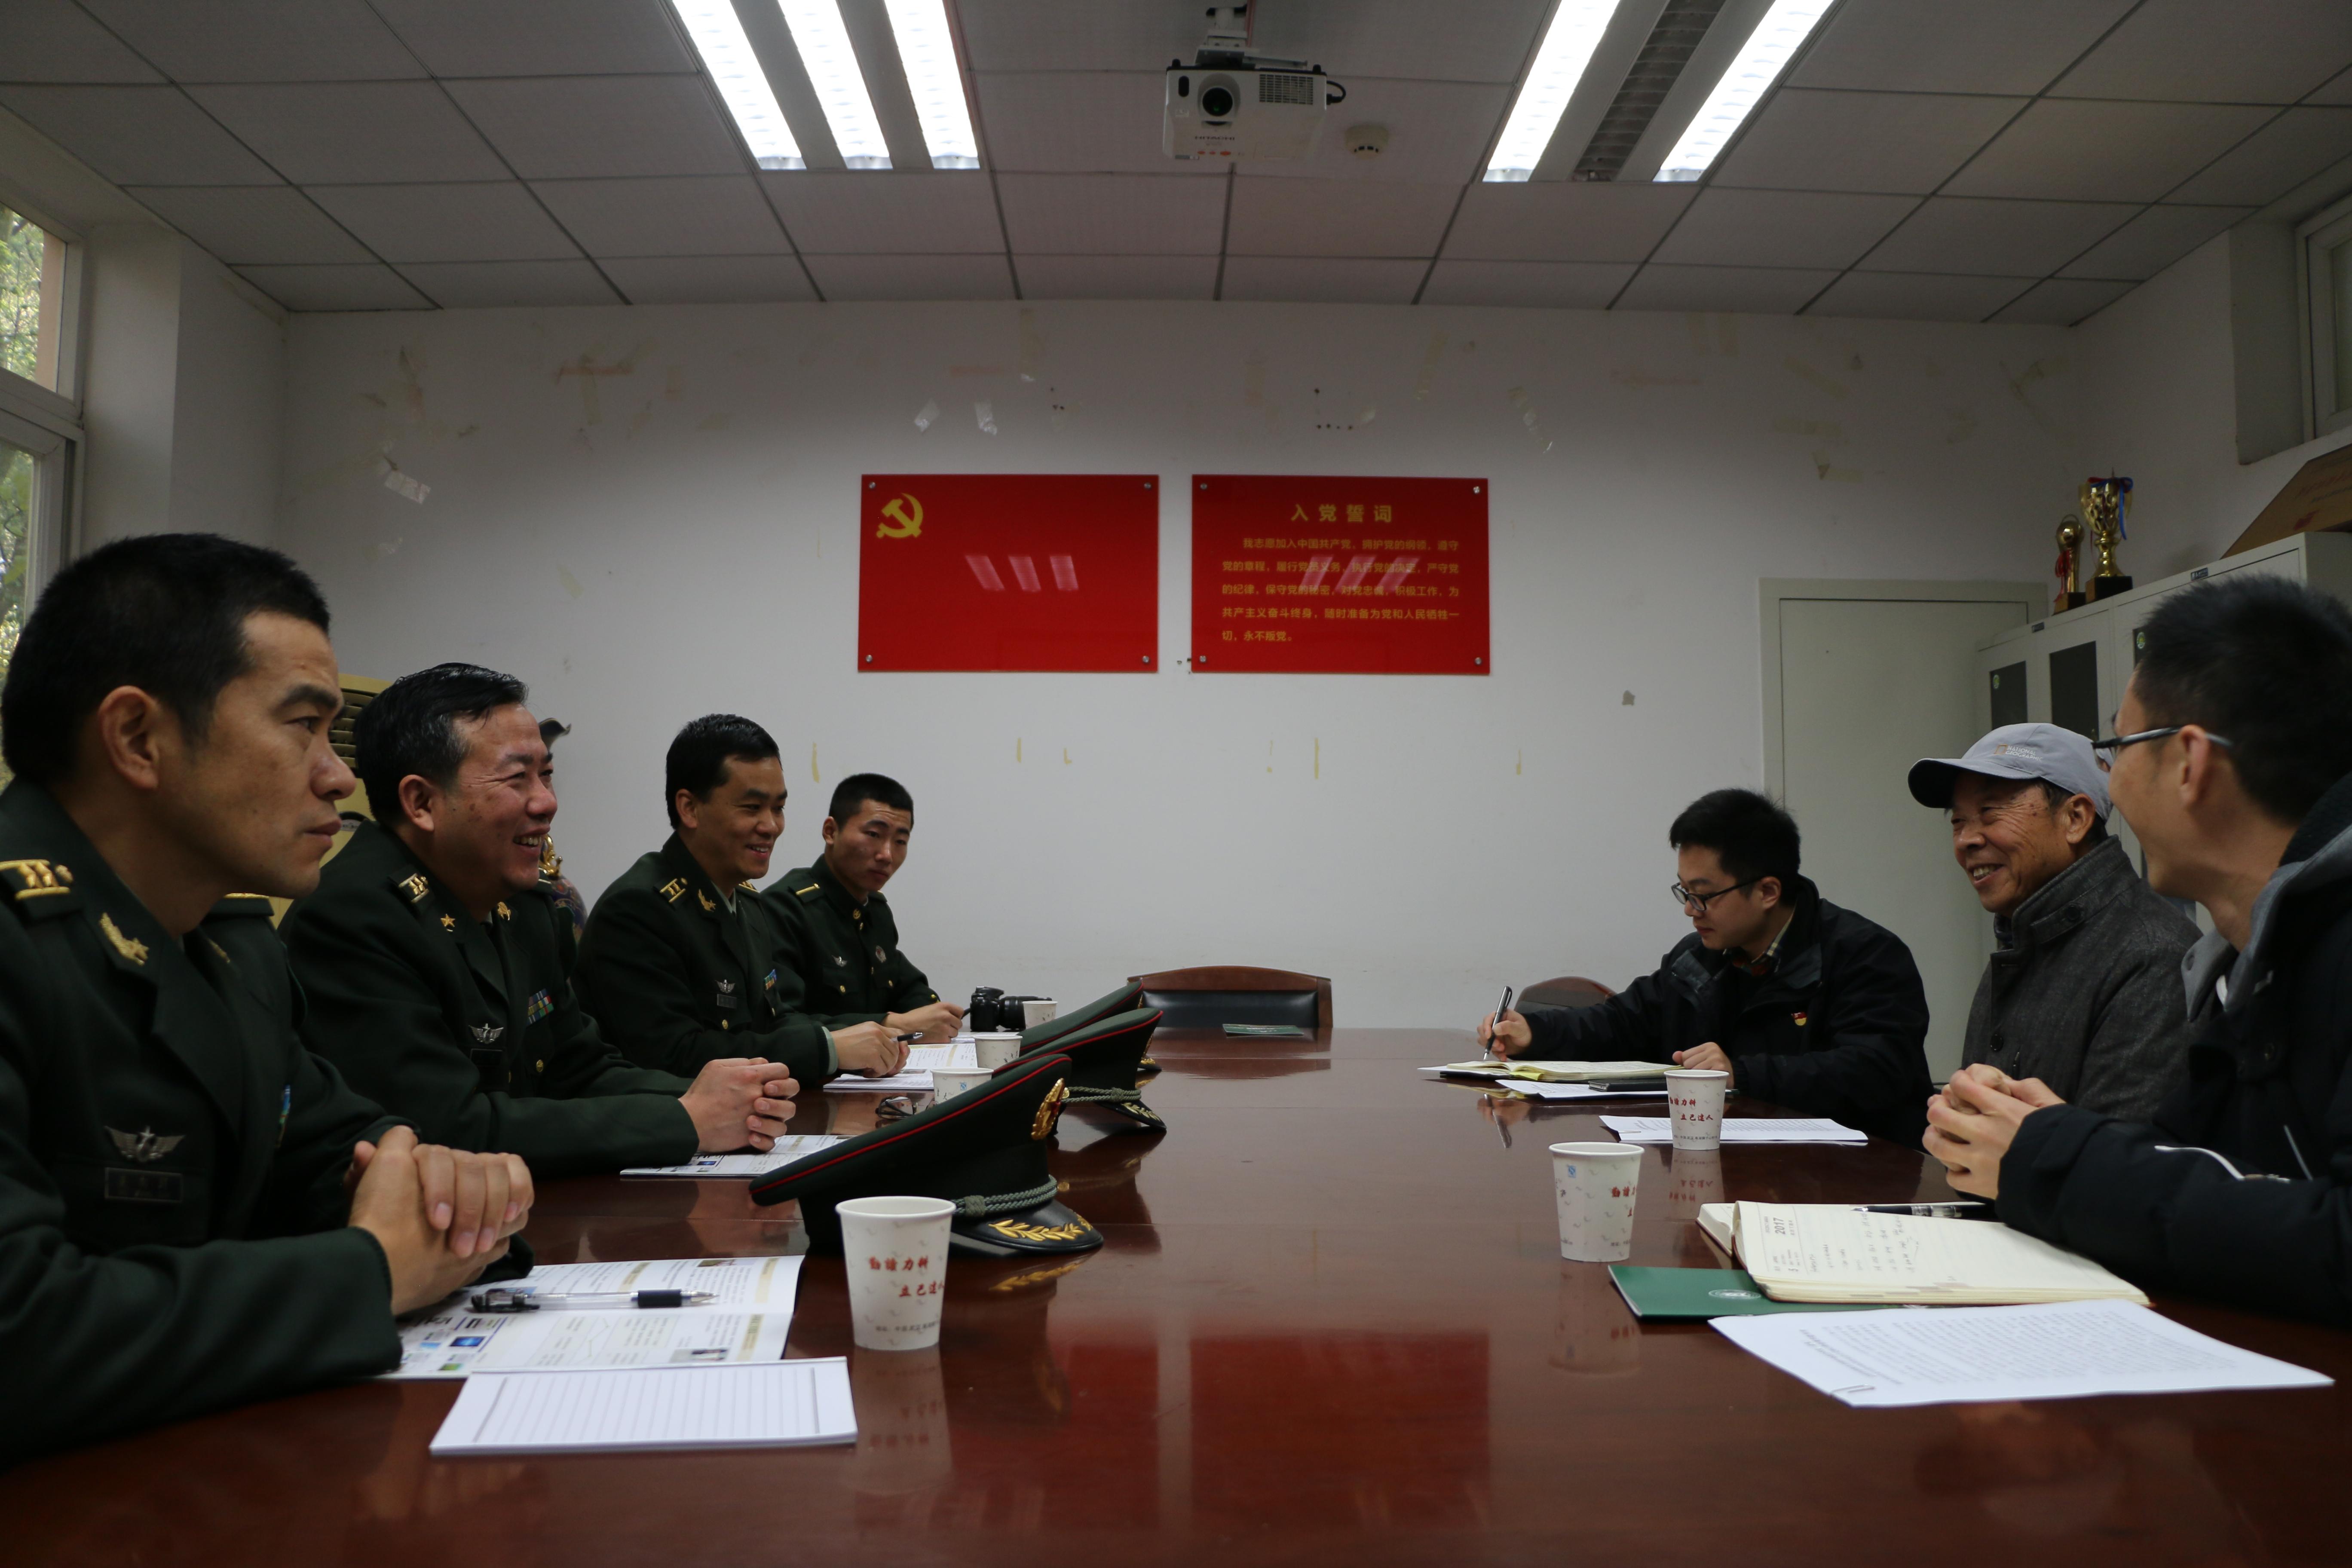 陆军工程大学军械士官学校王虎一行来院交流